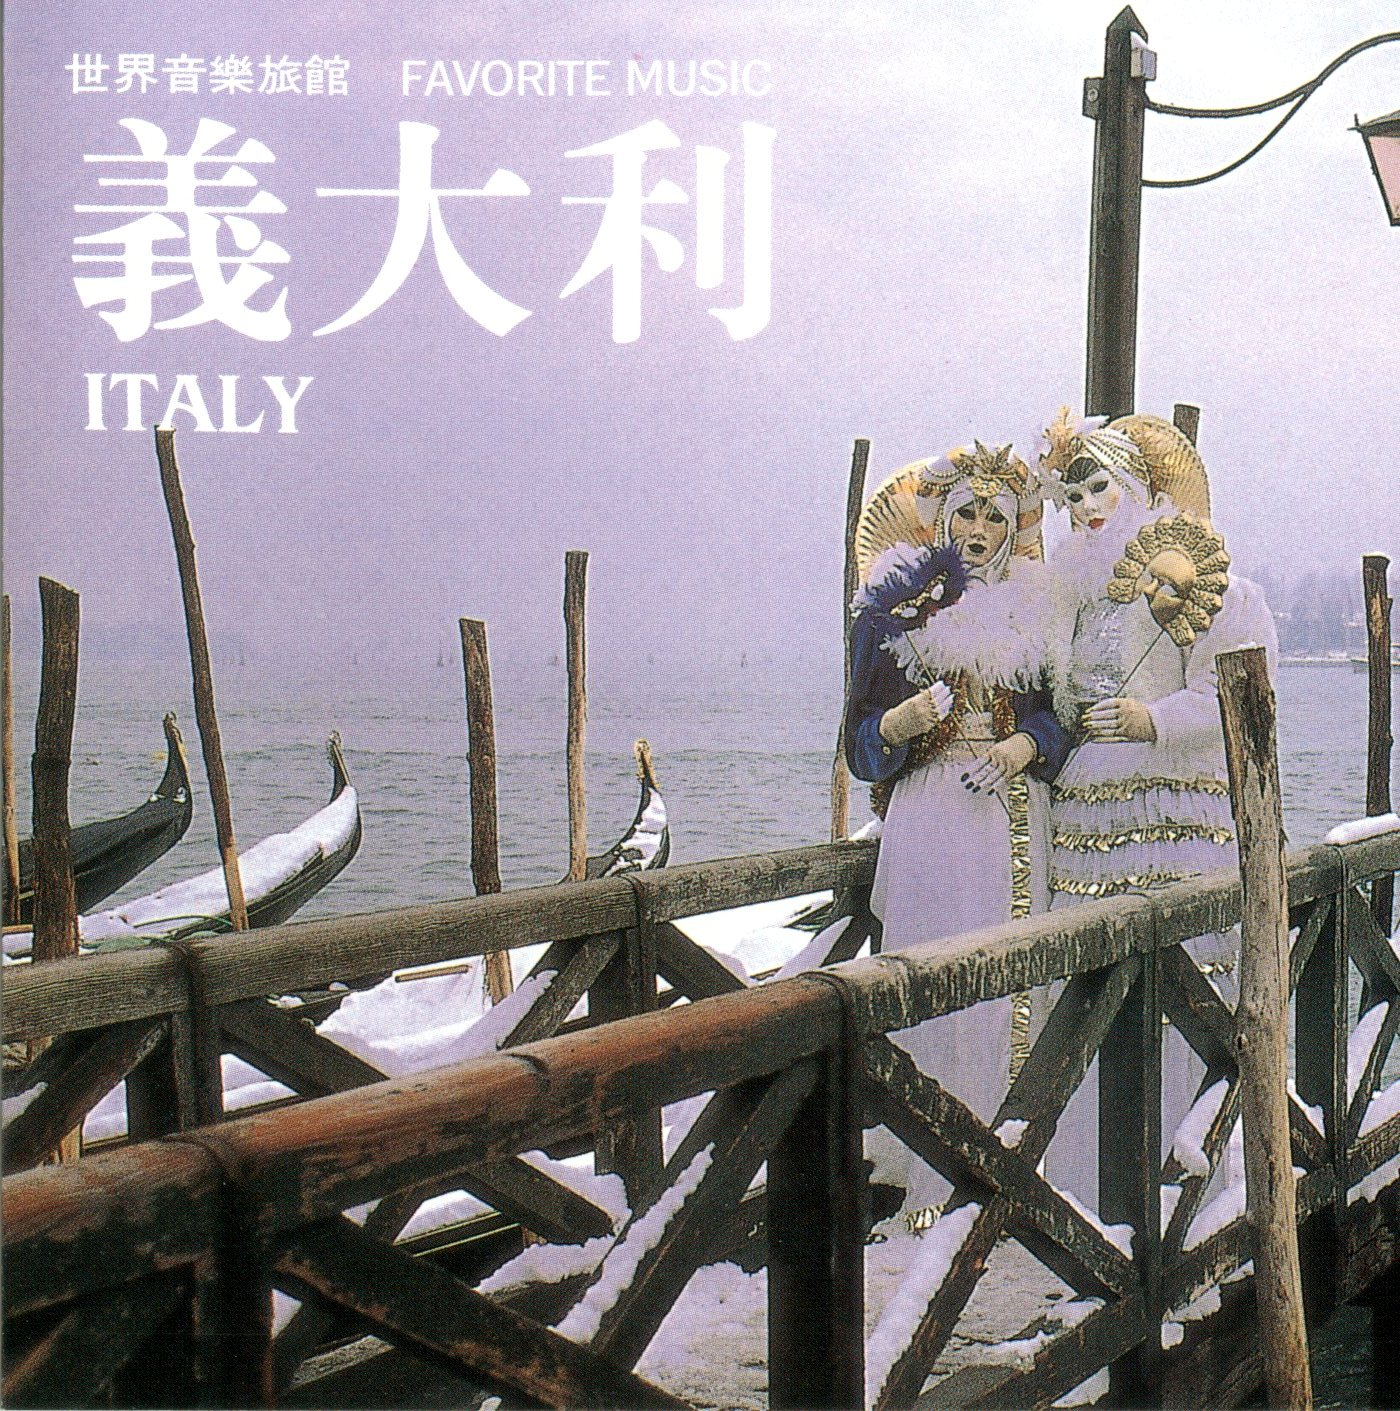 世界音樂旅館 義大利 = Italy